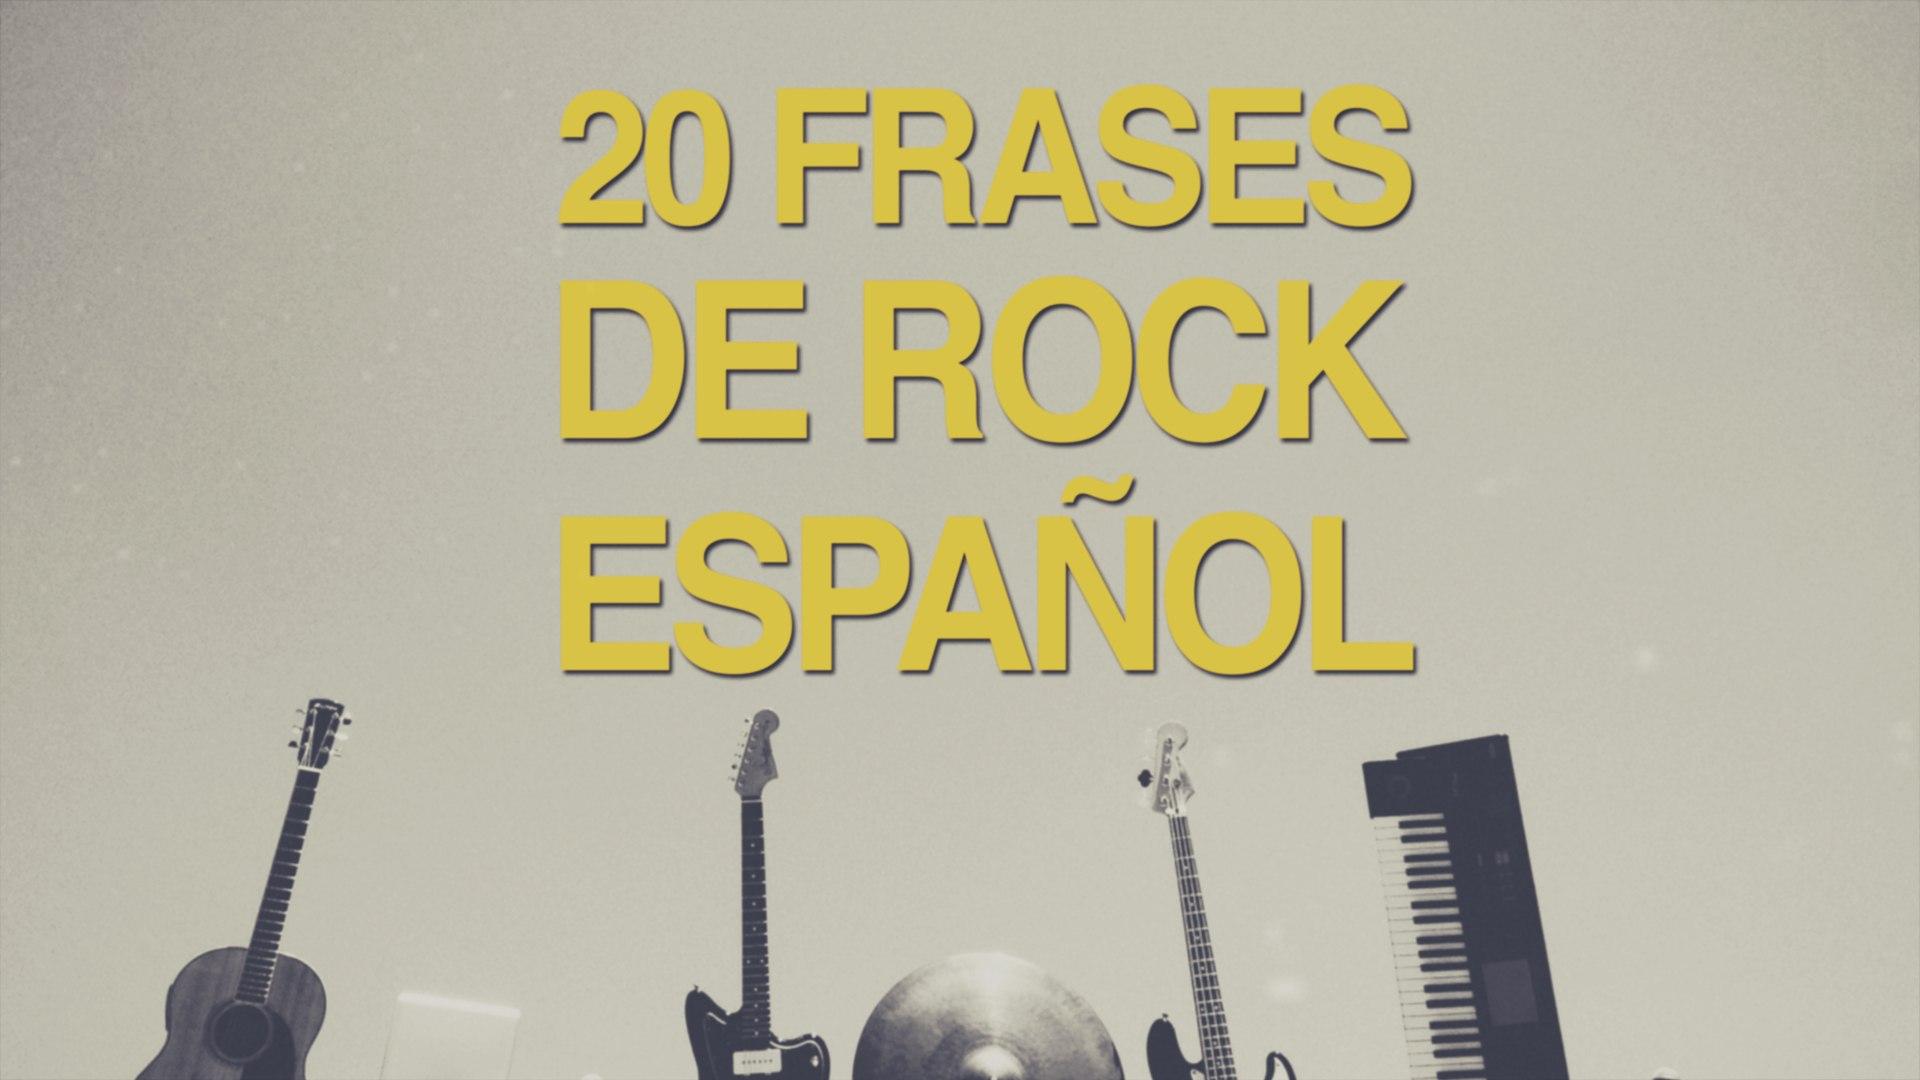 20 Frases De Rock En Español El Rock Hecho En Casa